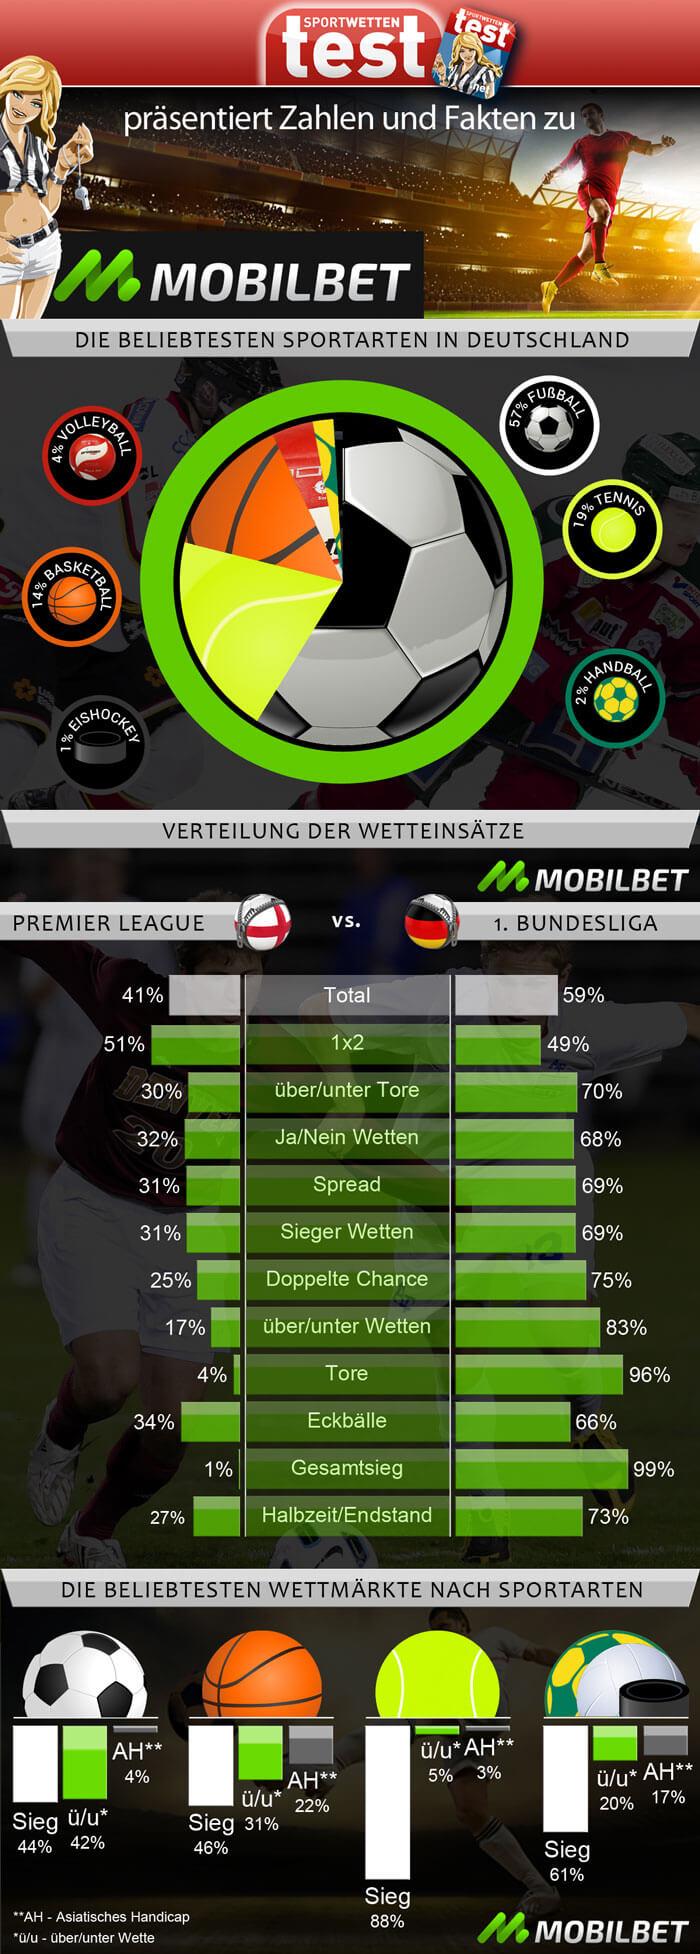 Infografik Zahlen und Fakten zum Wettanbieter Mobilbet im großen Sportwetten Test